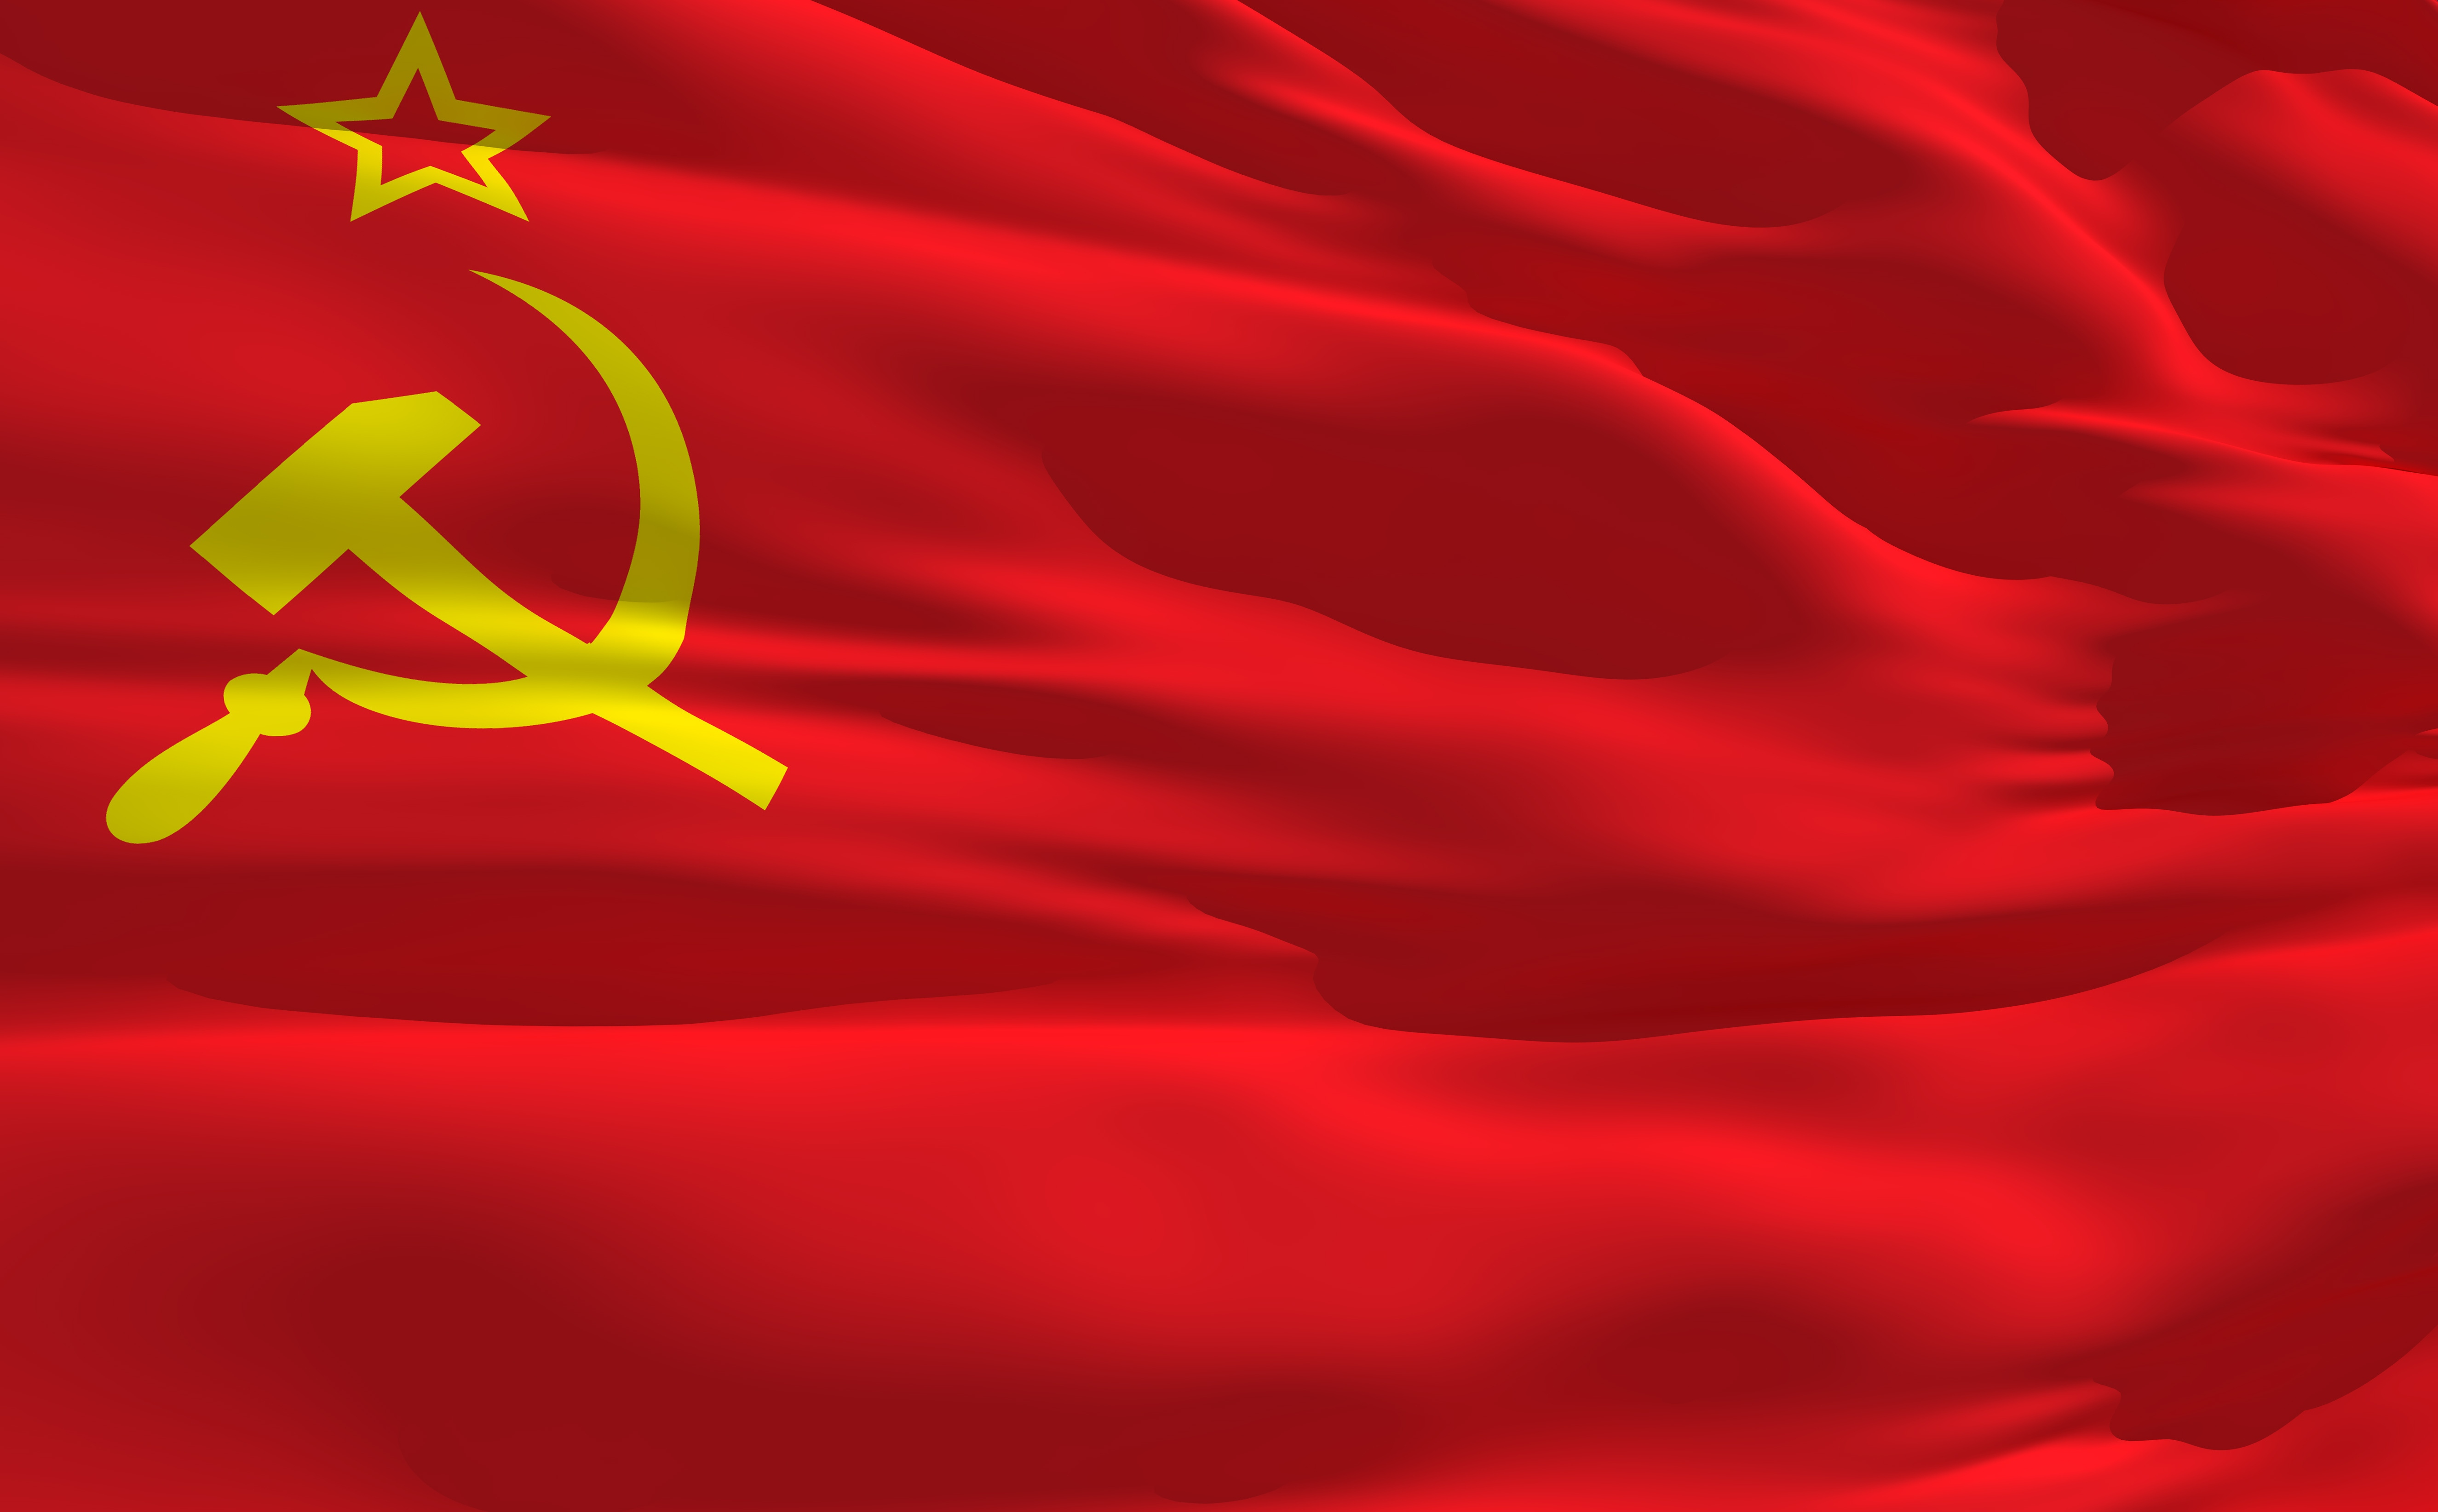 5 tekenen dat communisme opkomt onder jongeren